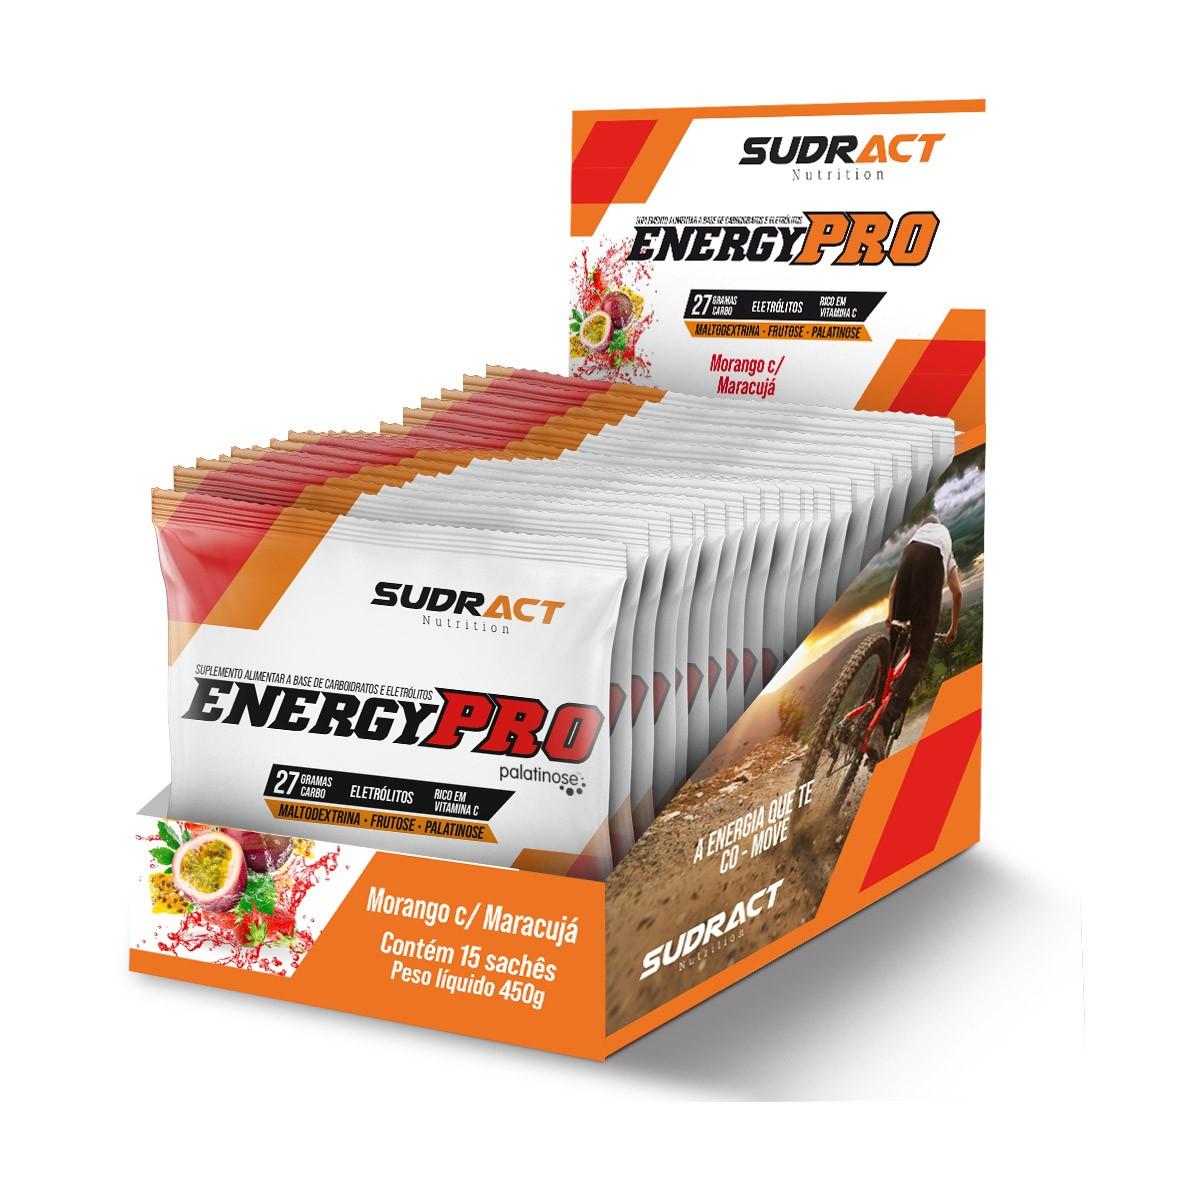 Energy Pro 15 sachês de 30g - Sudract Nutrition